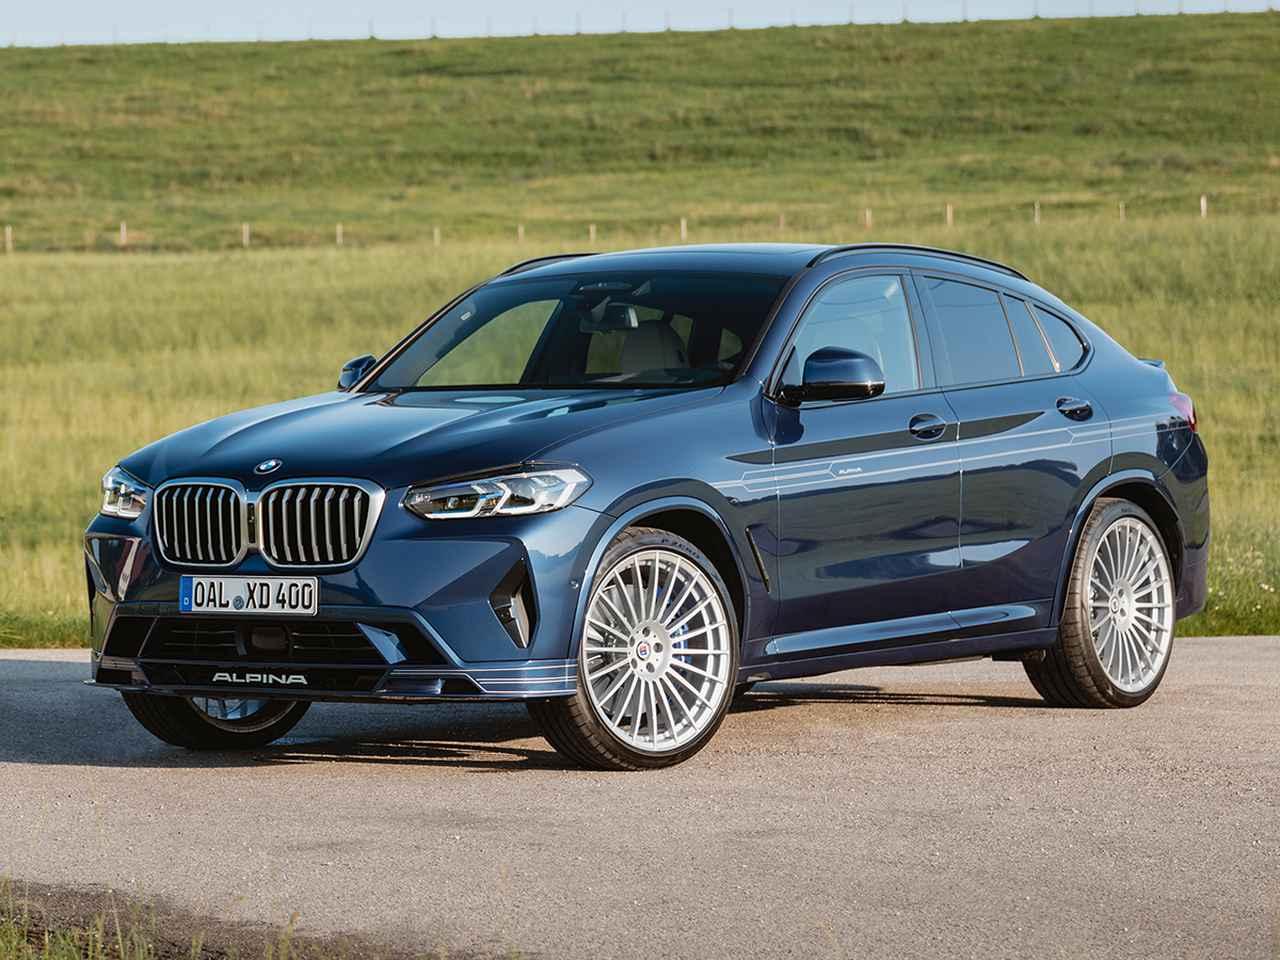 画像: BMWアルピナ XD4。改良されたローンチコントロールにより、最適なトラクションと出力制御が行われ、0-100km/h加速は4.6秒、最高速は268km/hを達成。